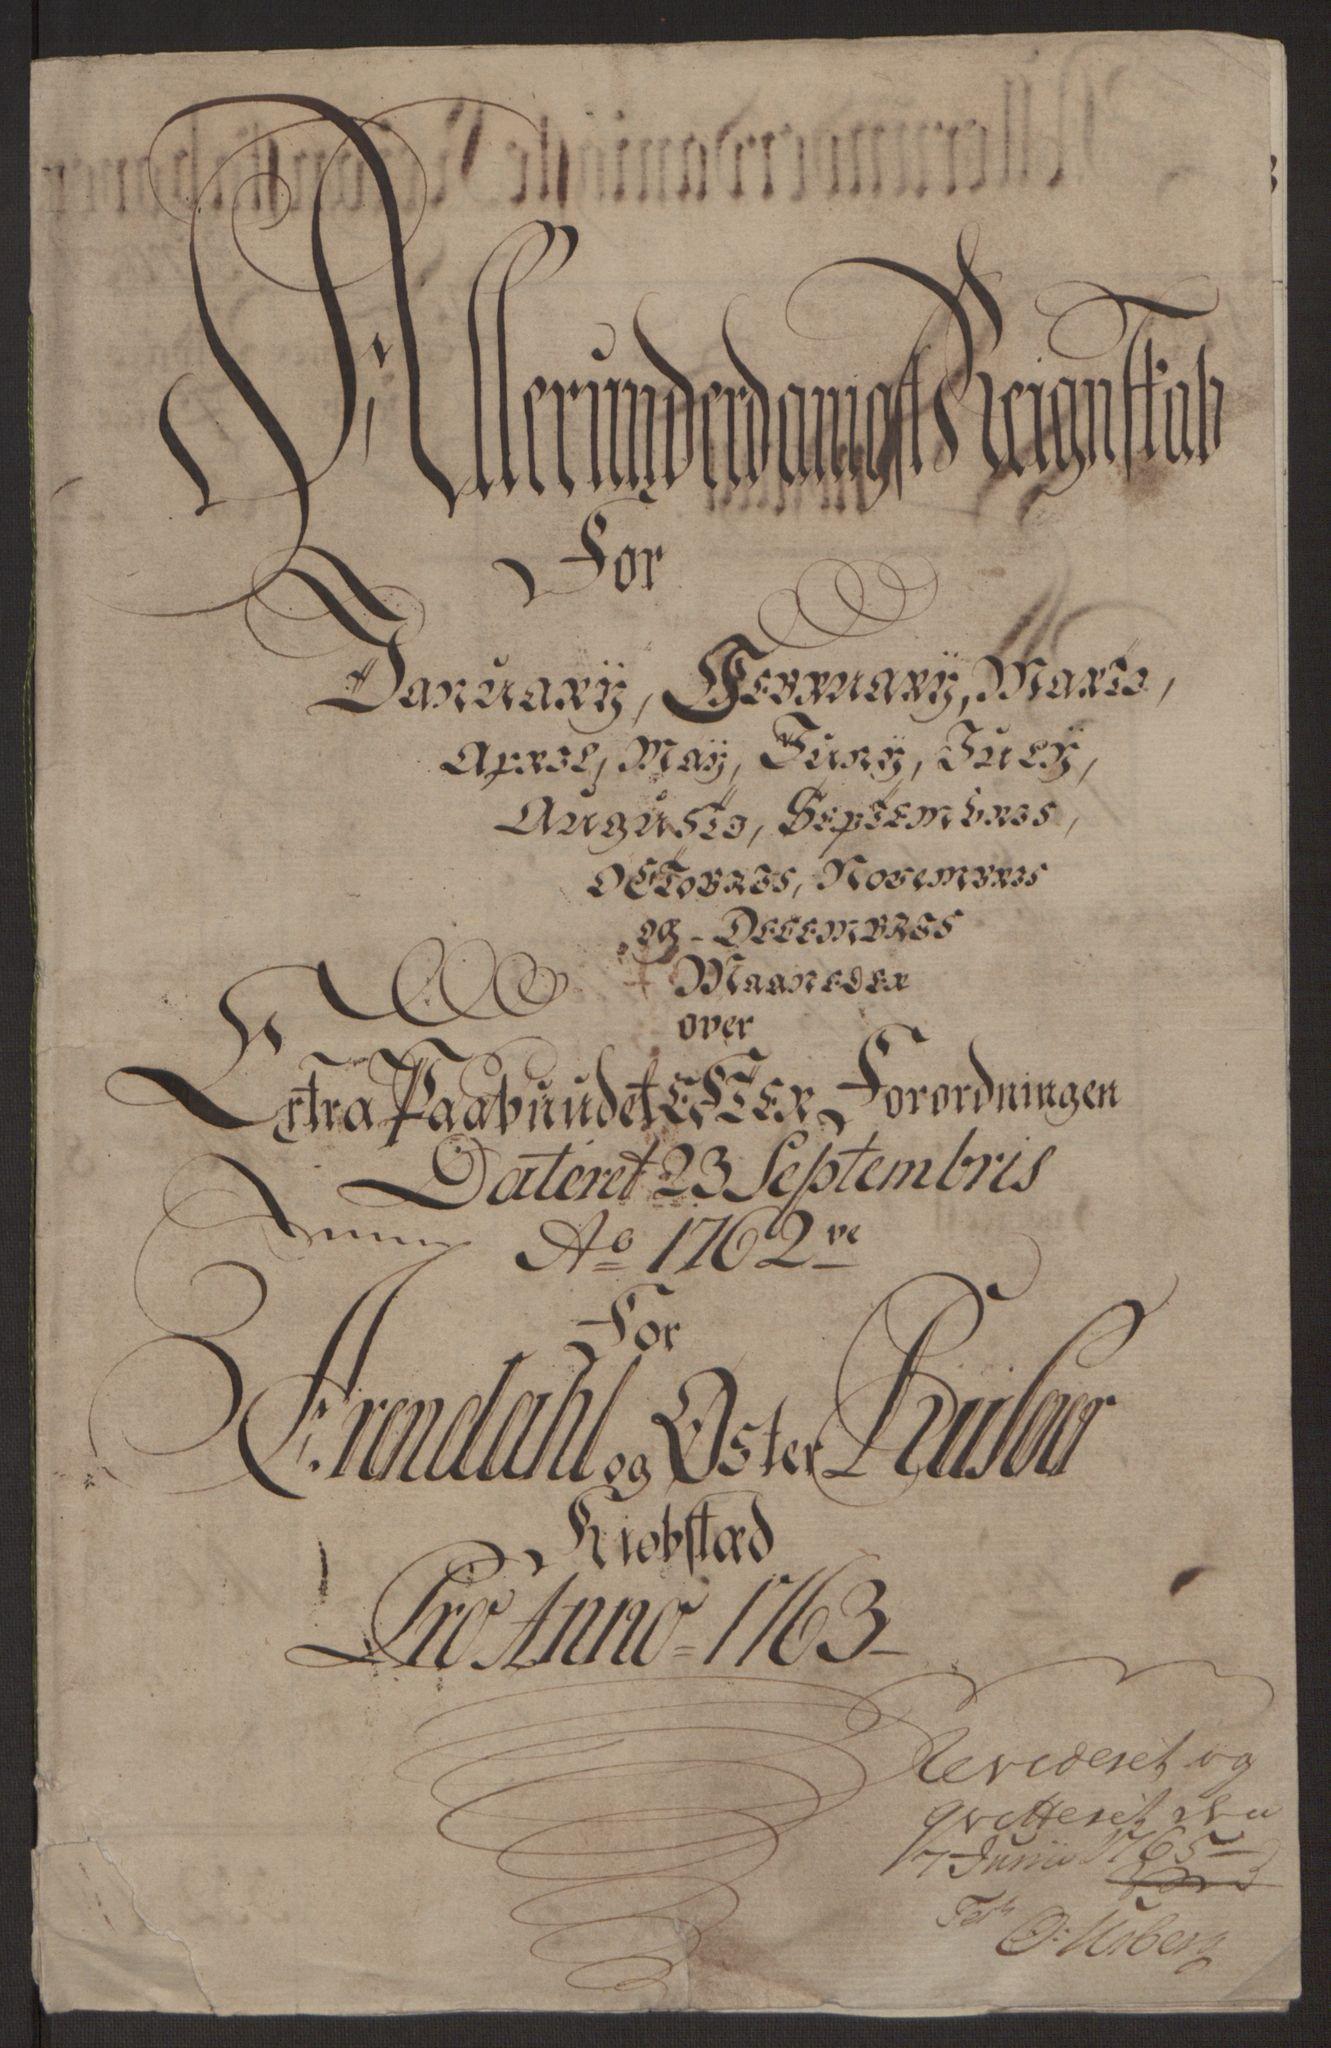 RA, Rentekammeret inntil 1814, Reviderte regnskaper, Byregnskaper, R/Rl/L0230: [L4] Kontribusjonsregnskap, 1762-1764, s. 92